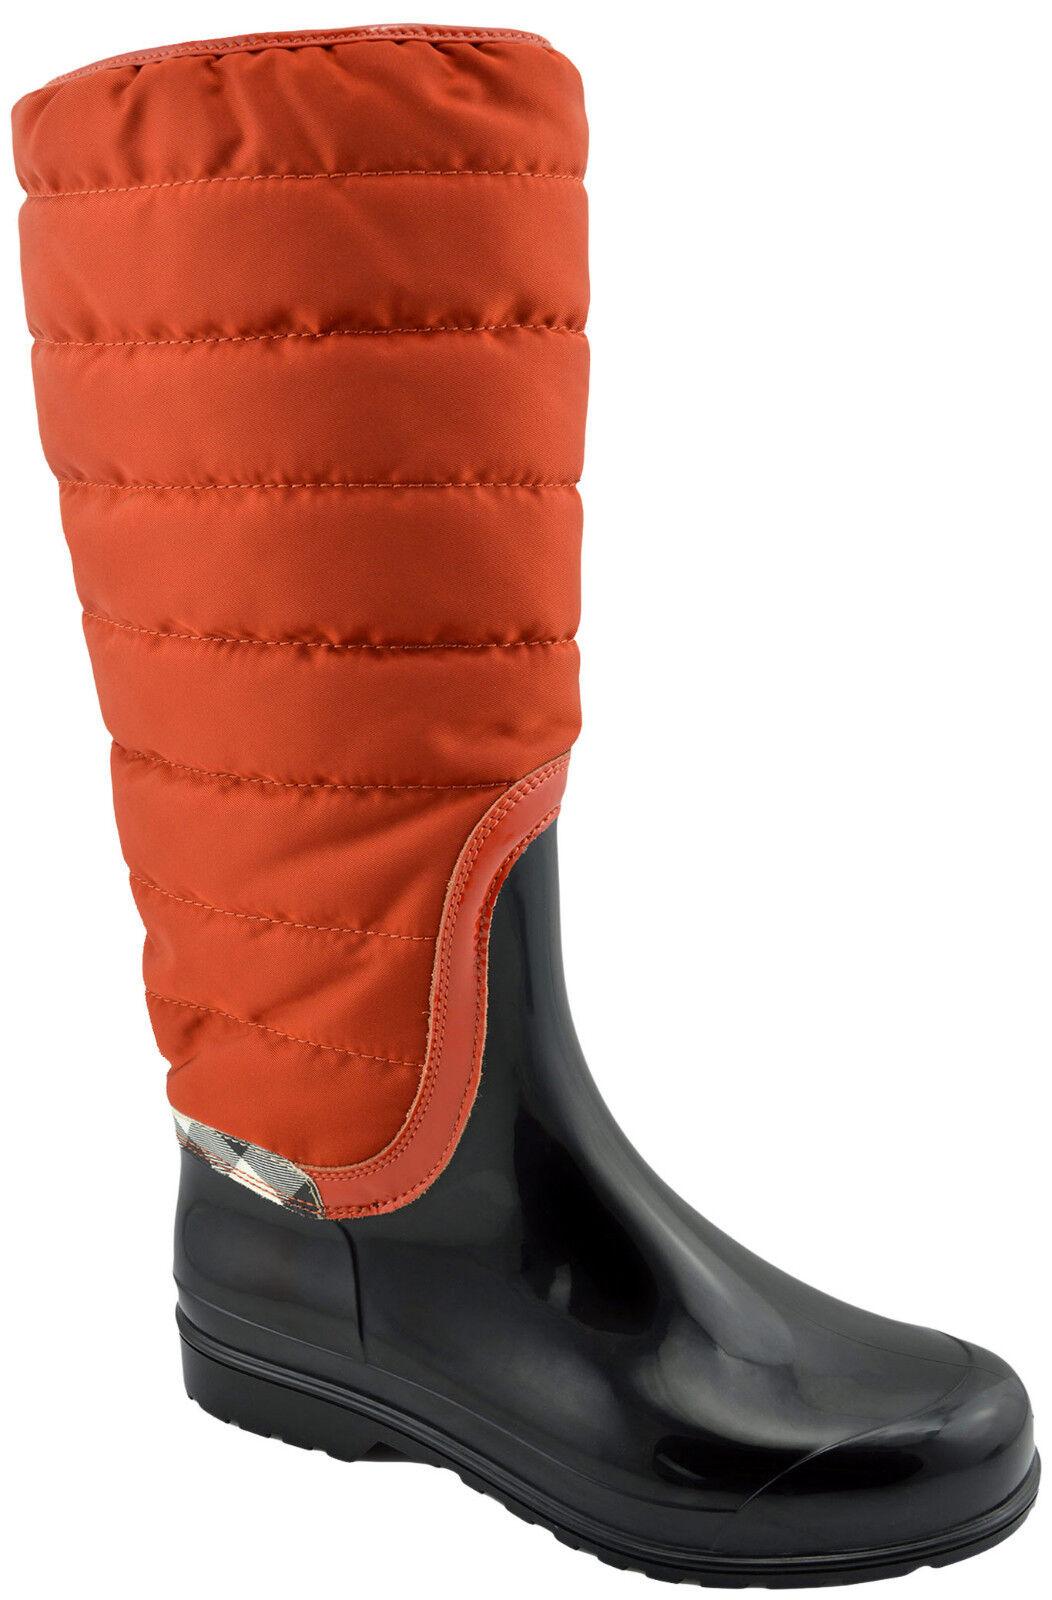 495 Burberry Negro Mandarina cheque Nova Nova Nova Esquí Vernon para mujeres botas De Lluvia  hasta un 60% de descuento